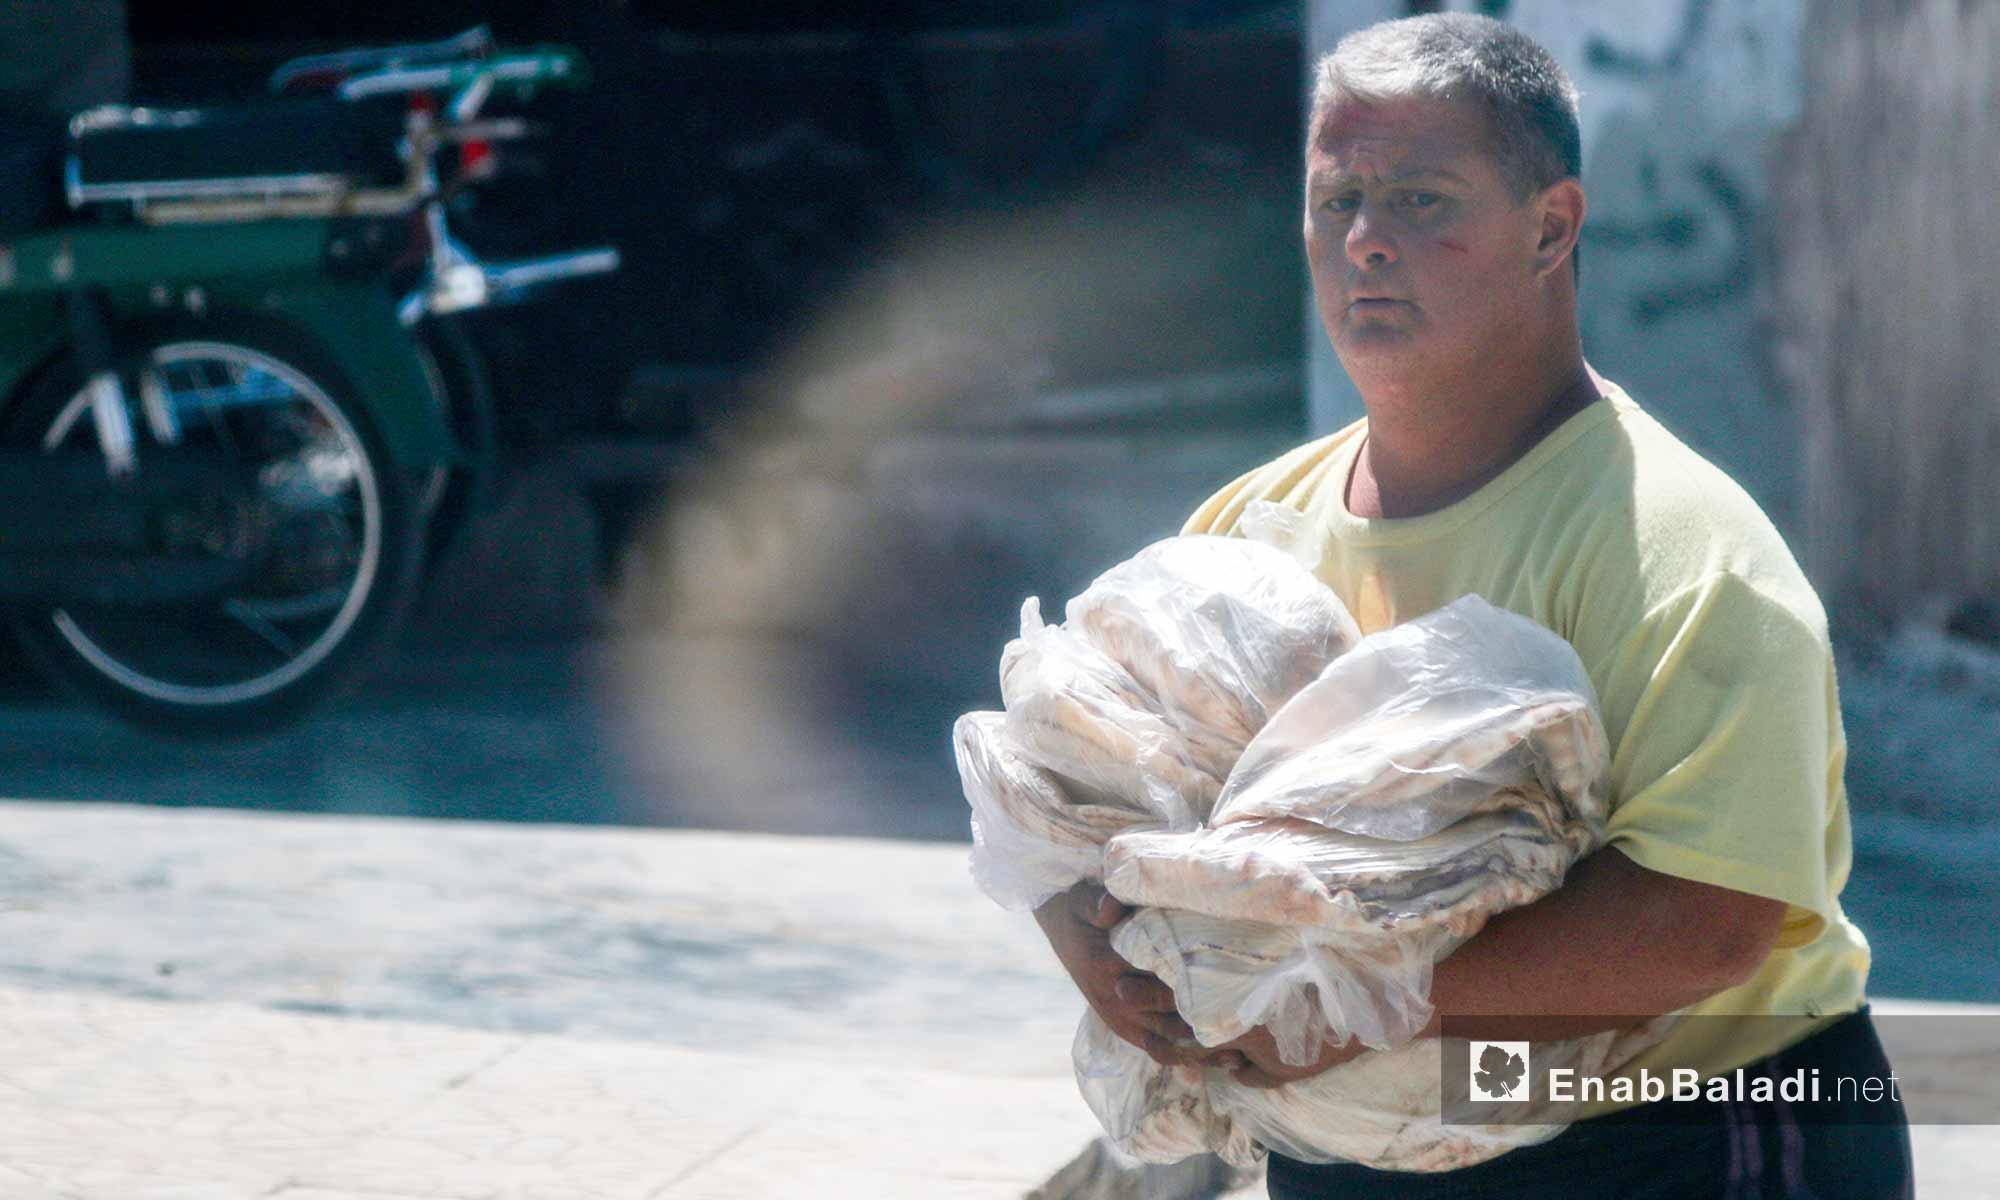 أحد سكان الأتارب يحمل الخبز ويتجه إلى بيته - 3 آب 2017 (عنب بلدي)